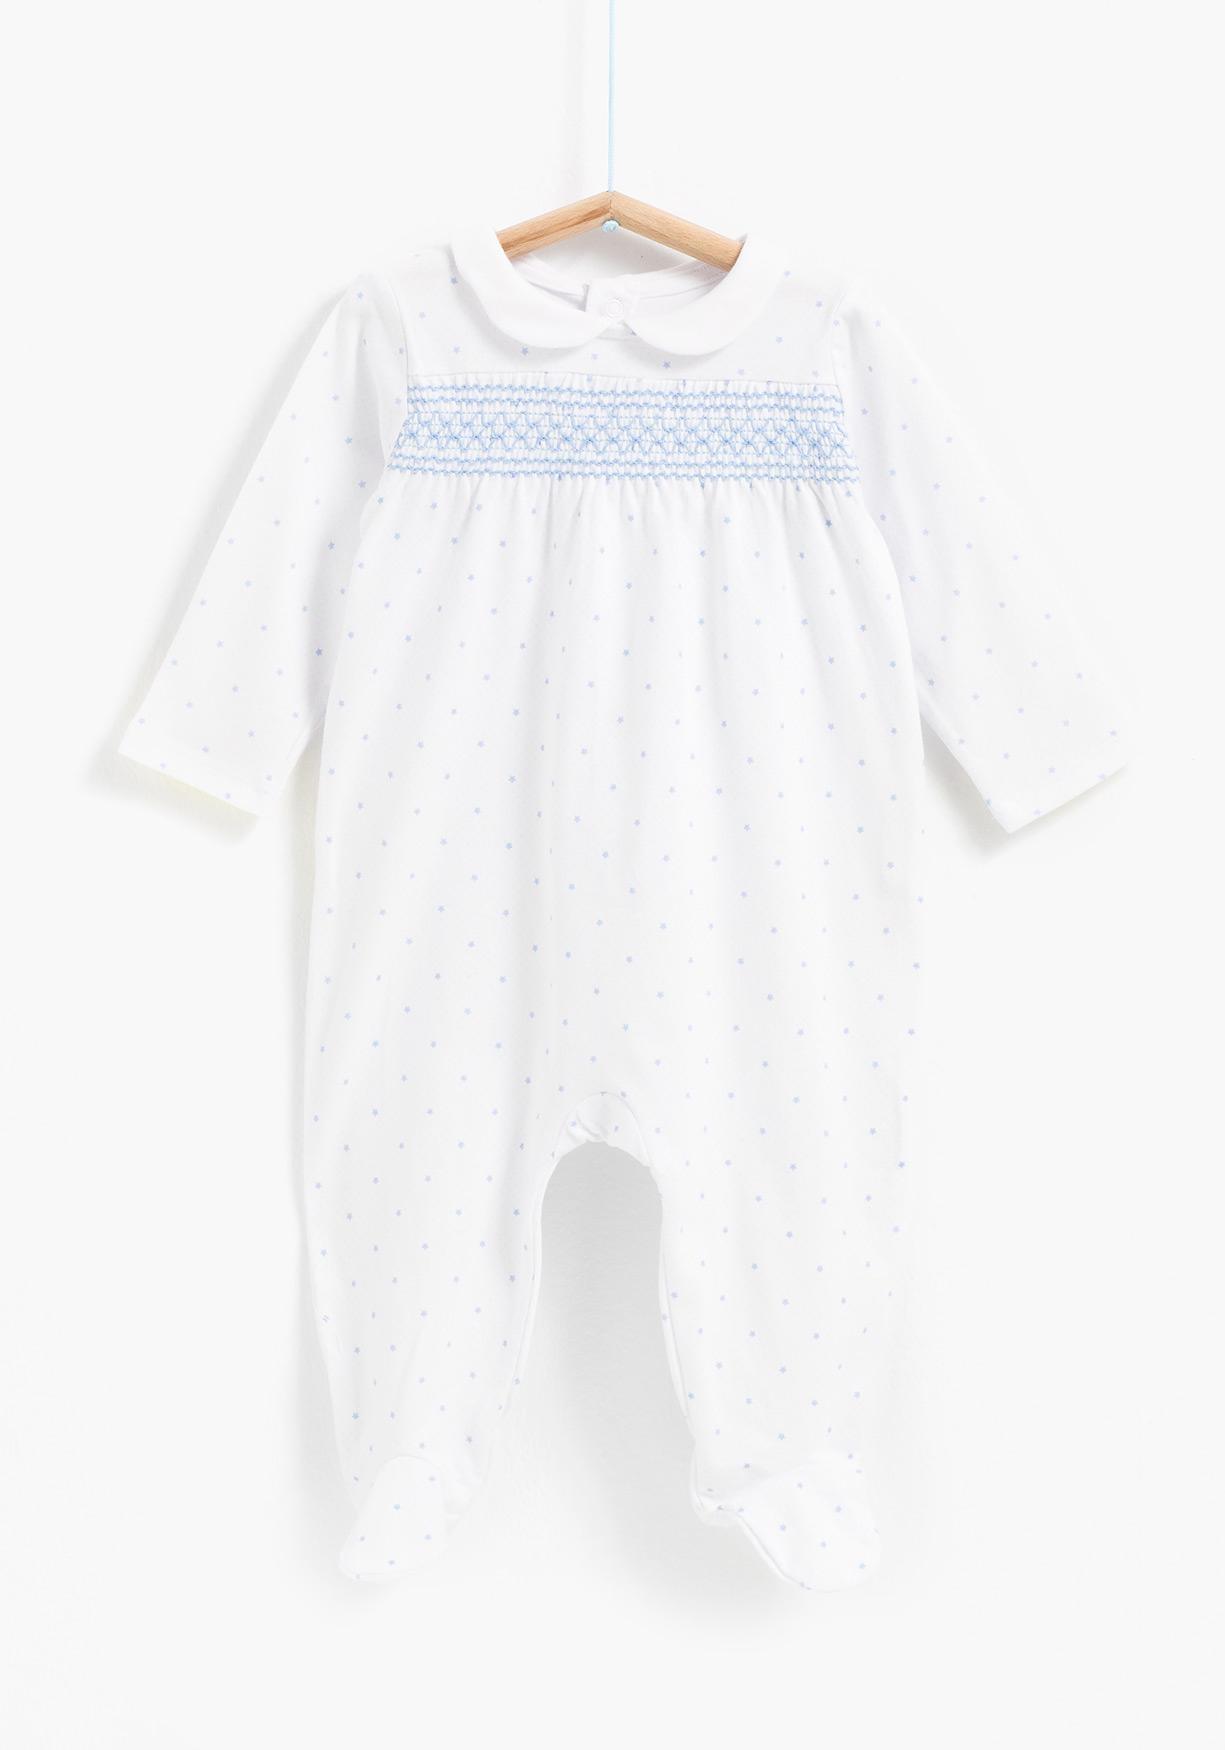 b469679af Comprar Pijama de una pieza para recién nacido unisex Tex ...